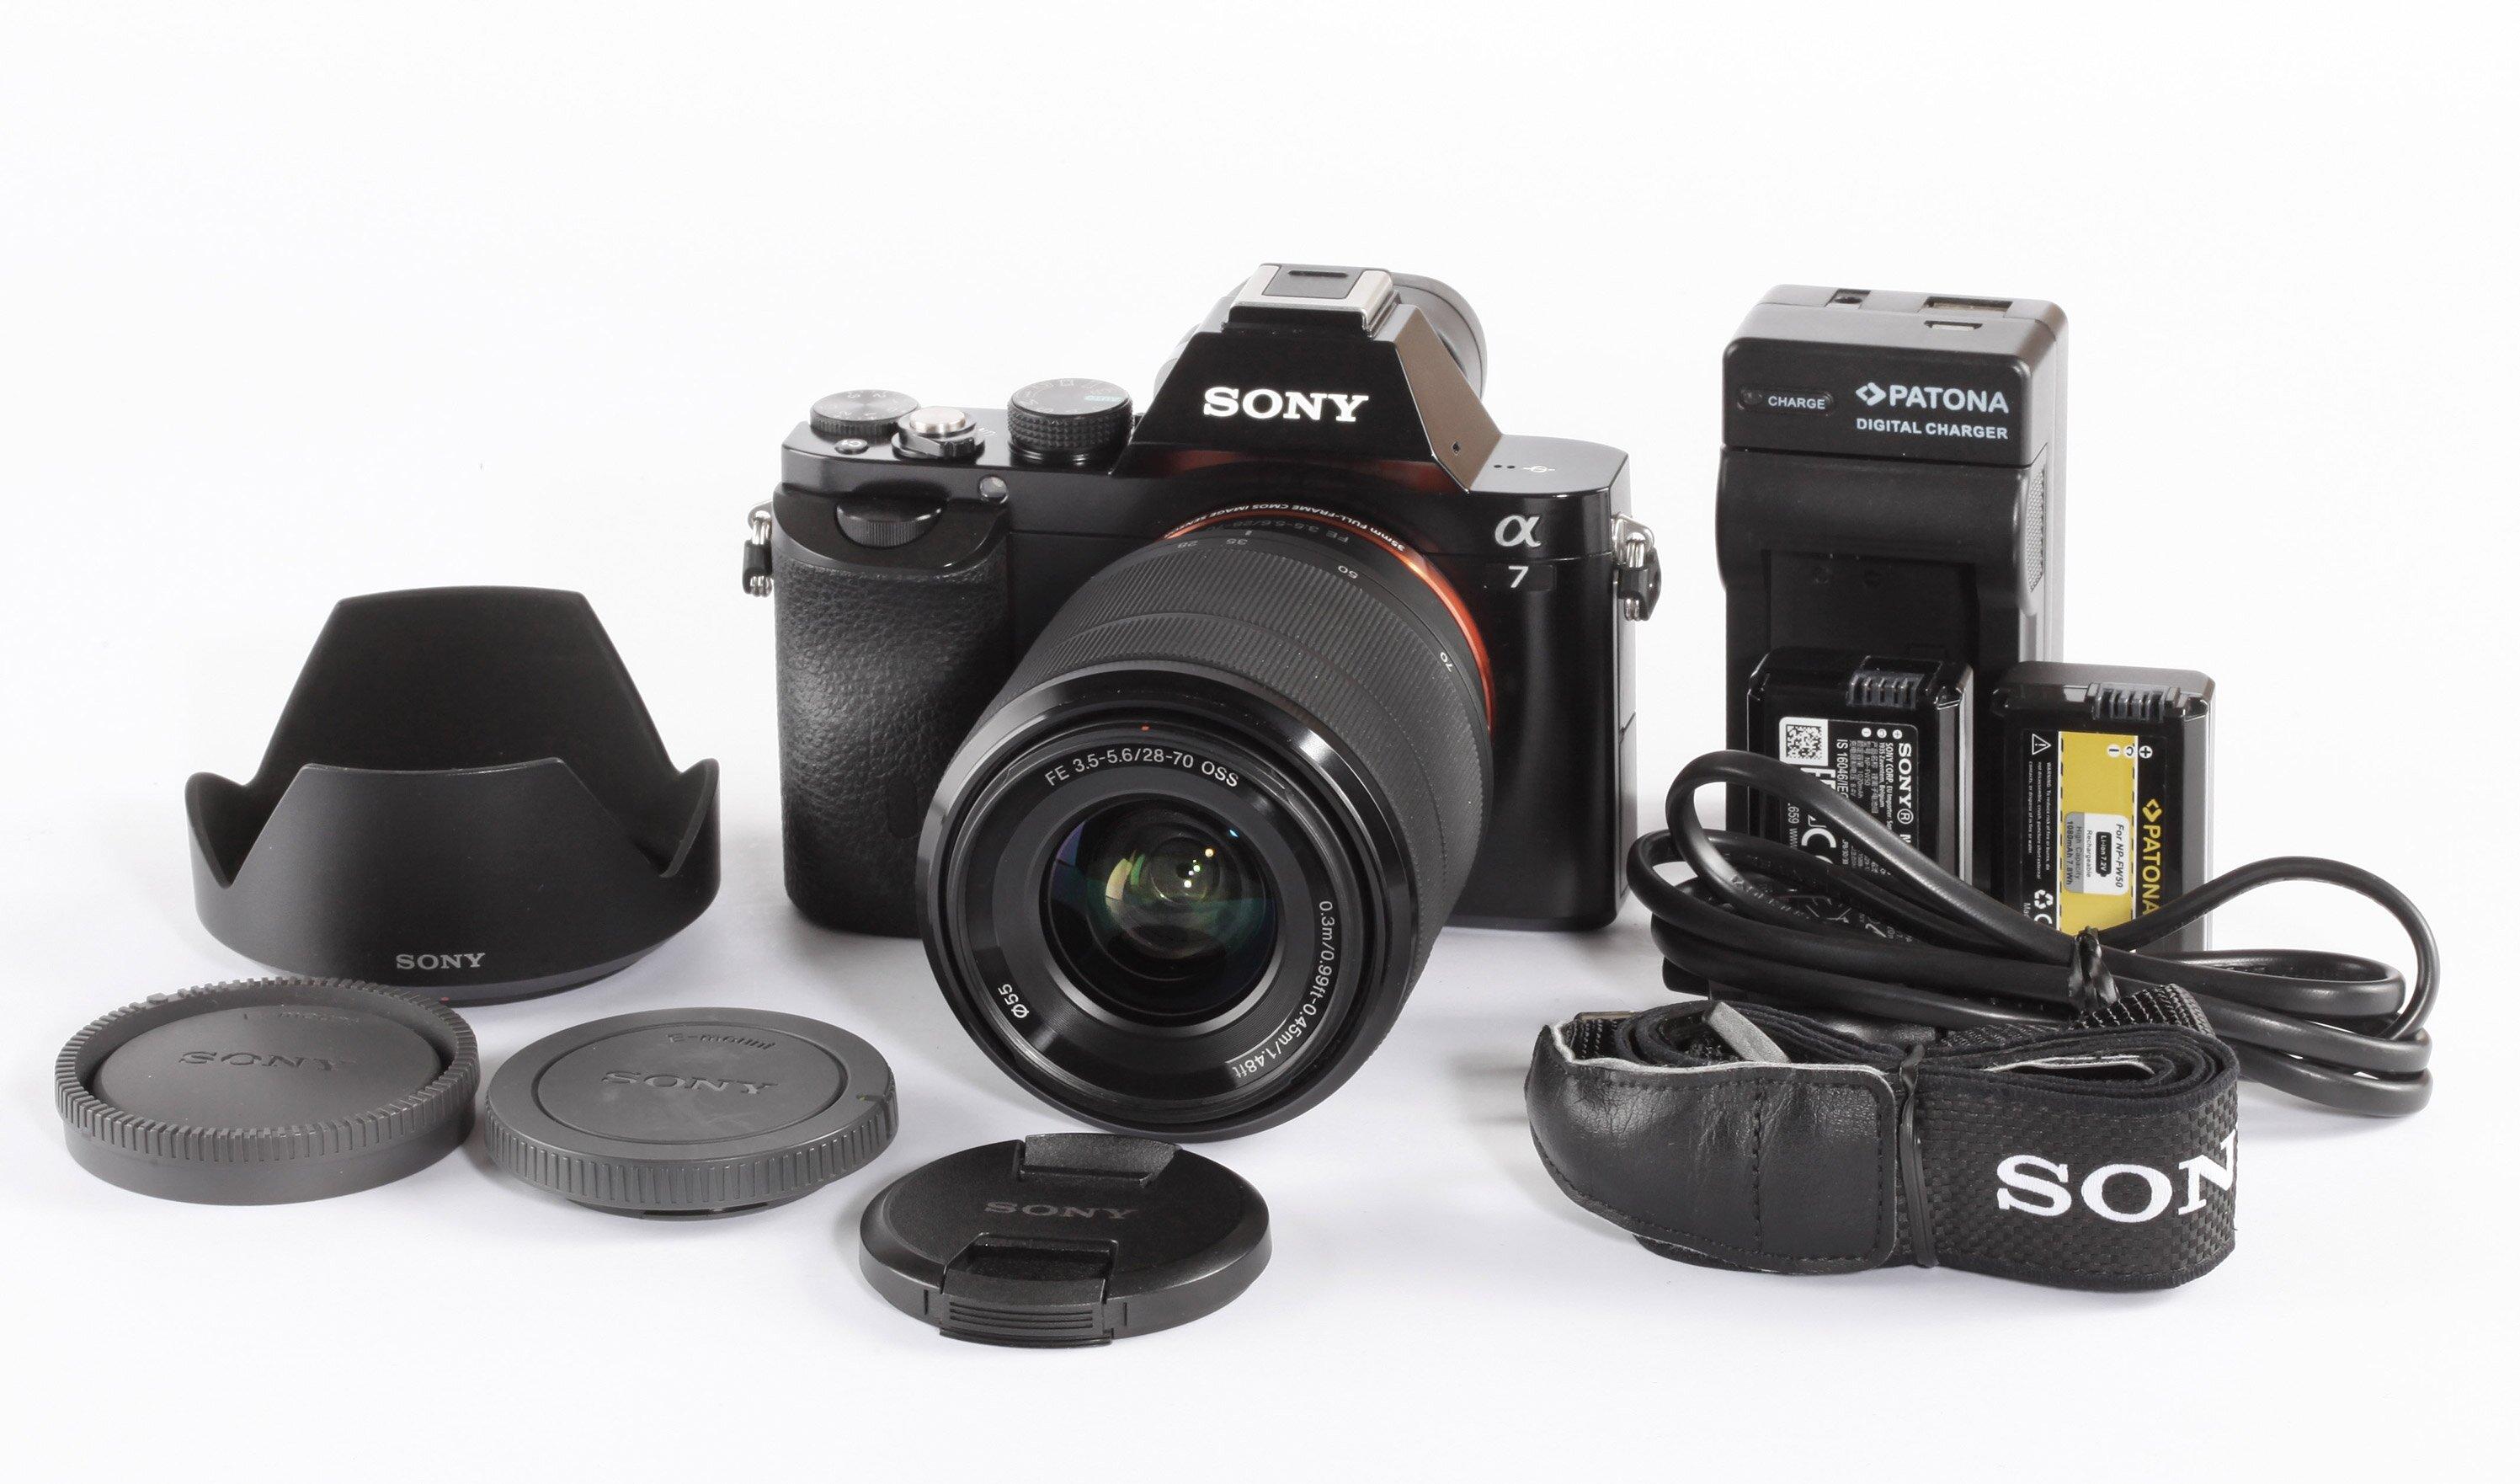 Sony Alpha 7 + FE 3,5-5,6/28-70mm 1500 Auslösungen